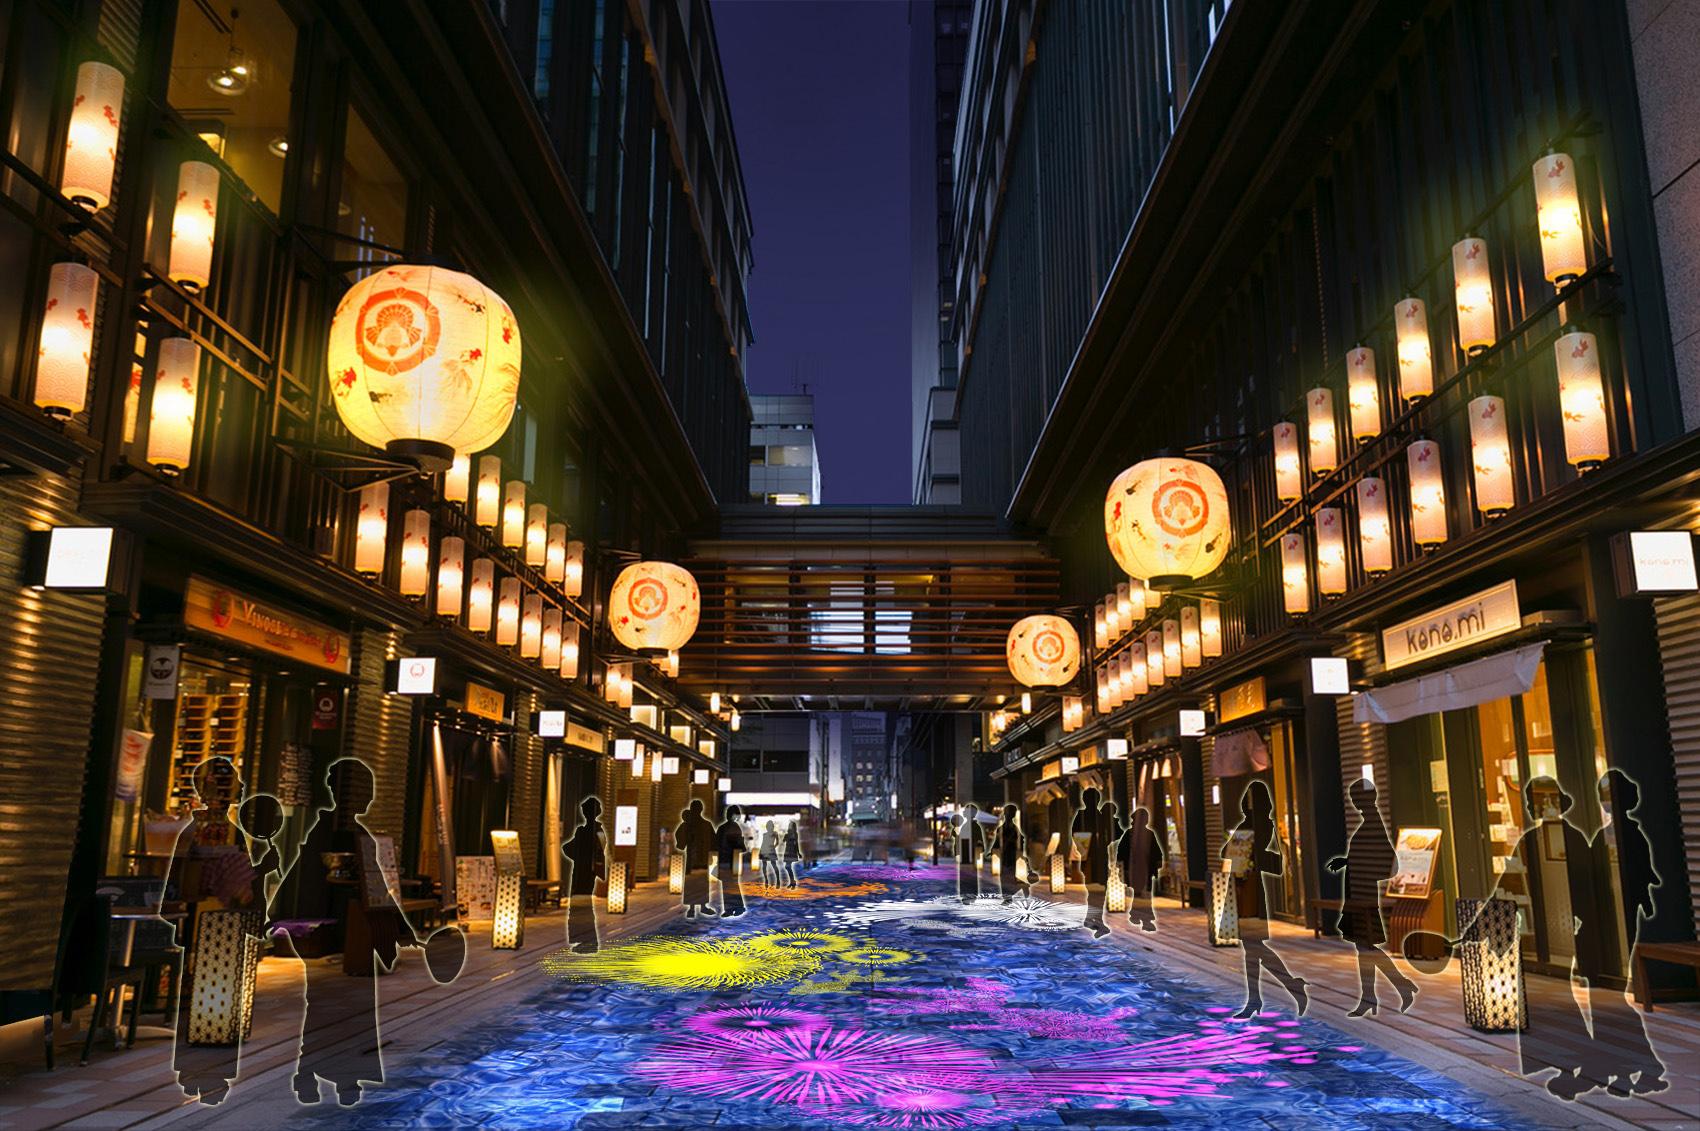 日本近郊怎麼玩?去這裡就對了